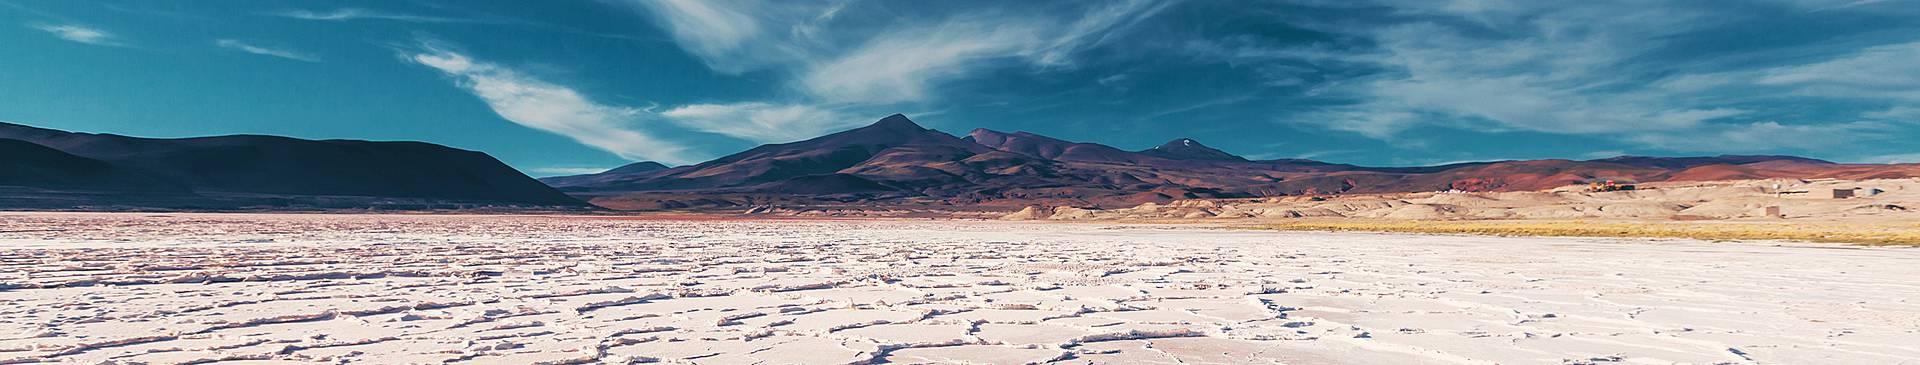 Wüstentour Argentinien